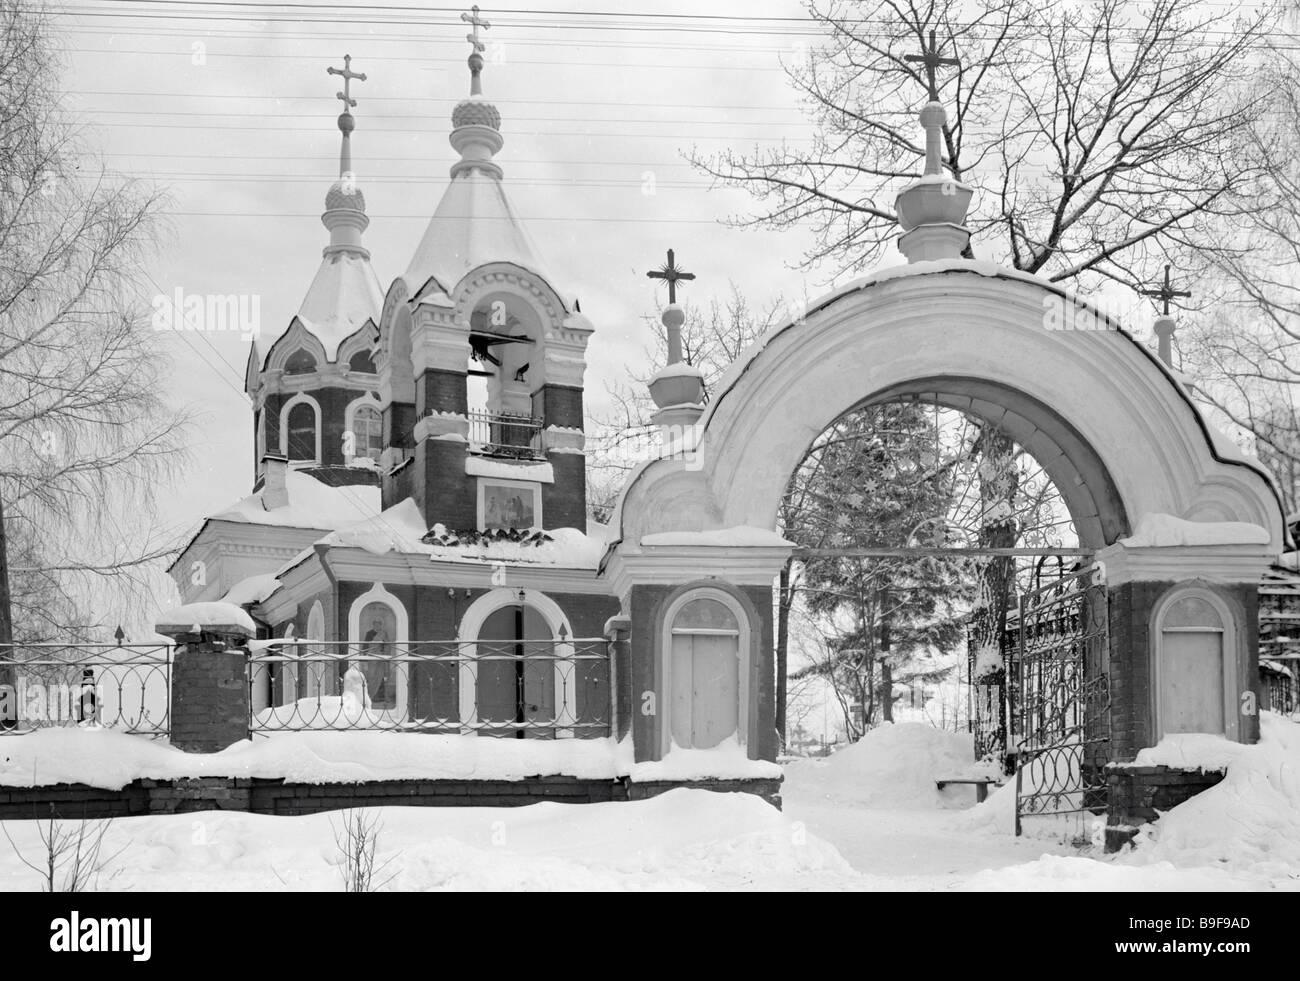 The Vvedenskaya Church built in 1883 - Stock Image